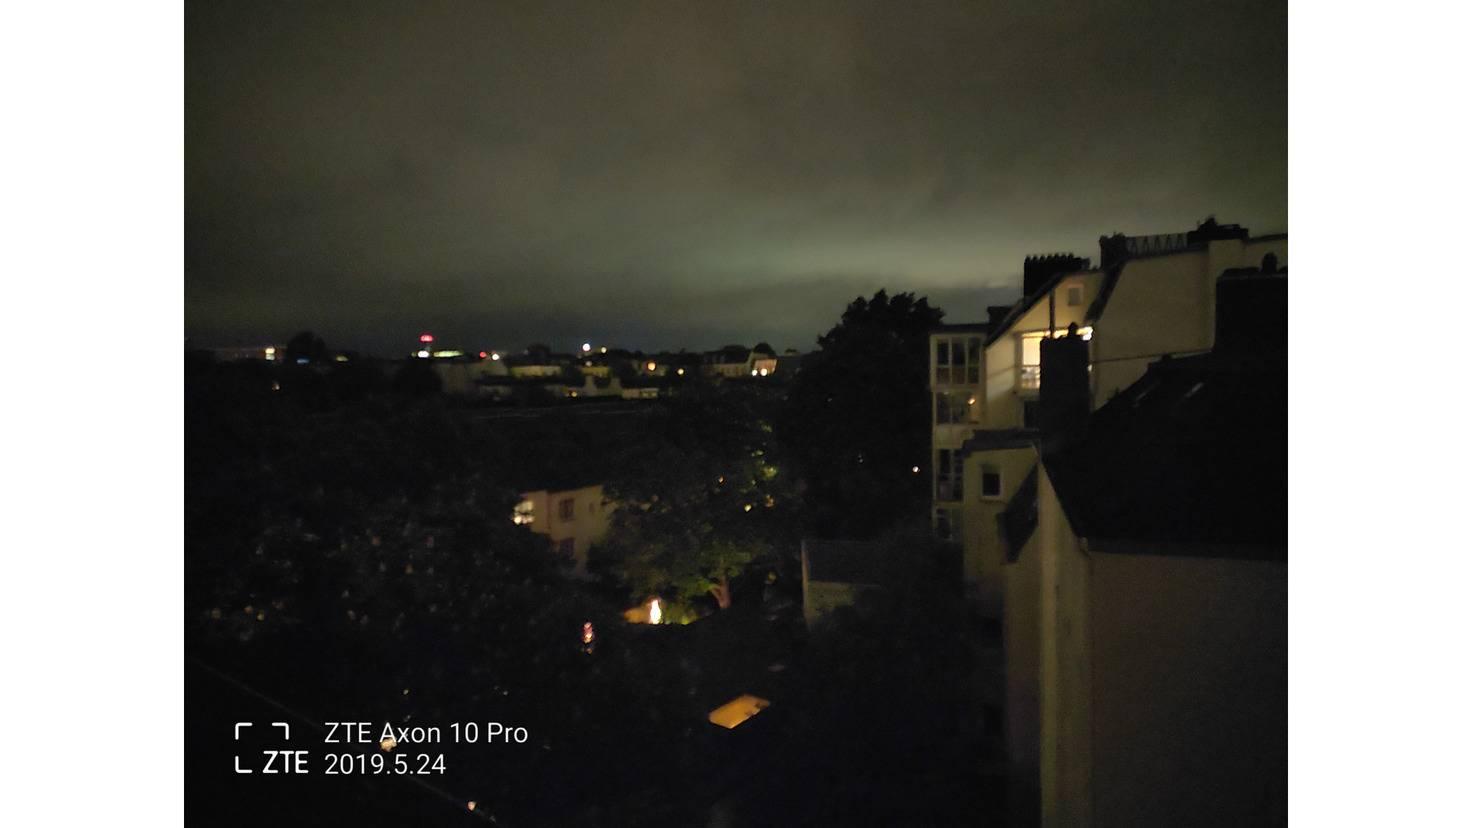 Ohne Nachtmodus sehen Nachtszenen zumindest recht scharf aus.